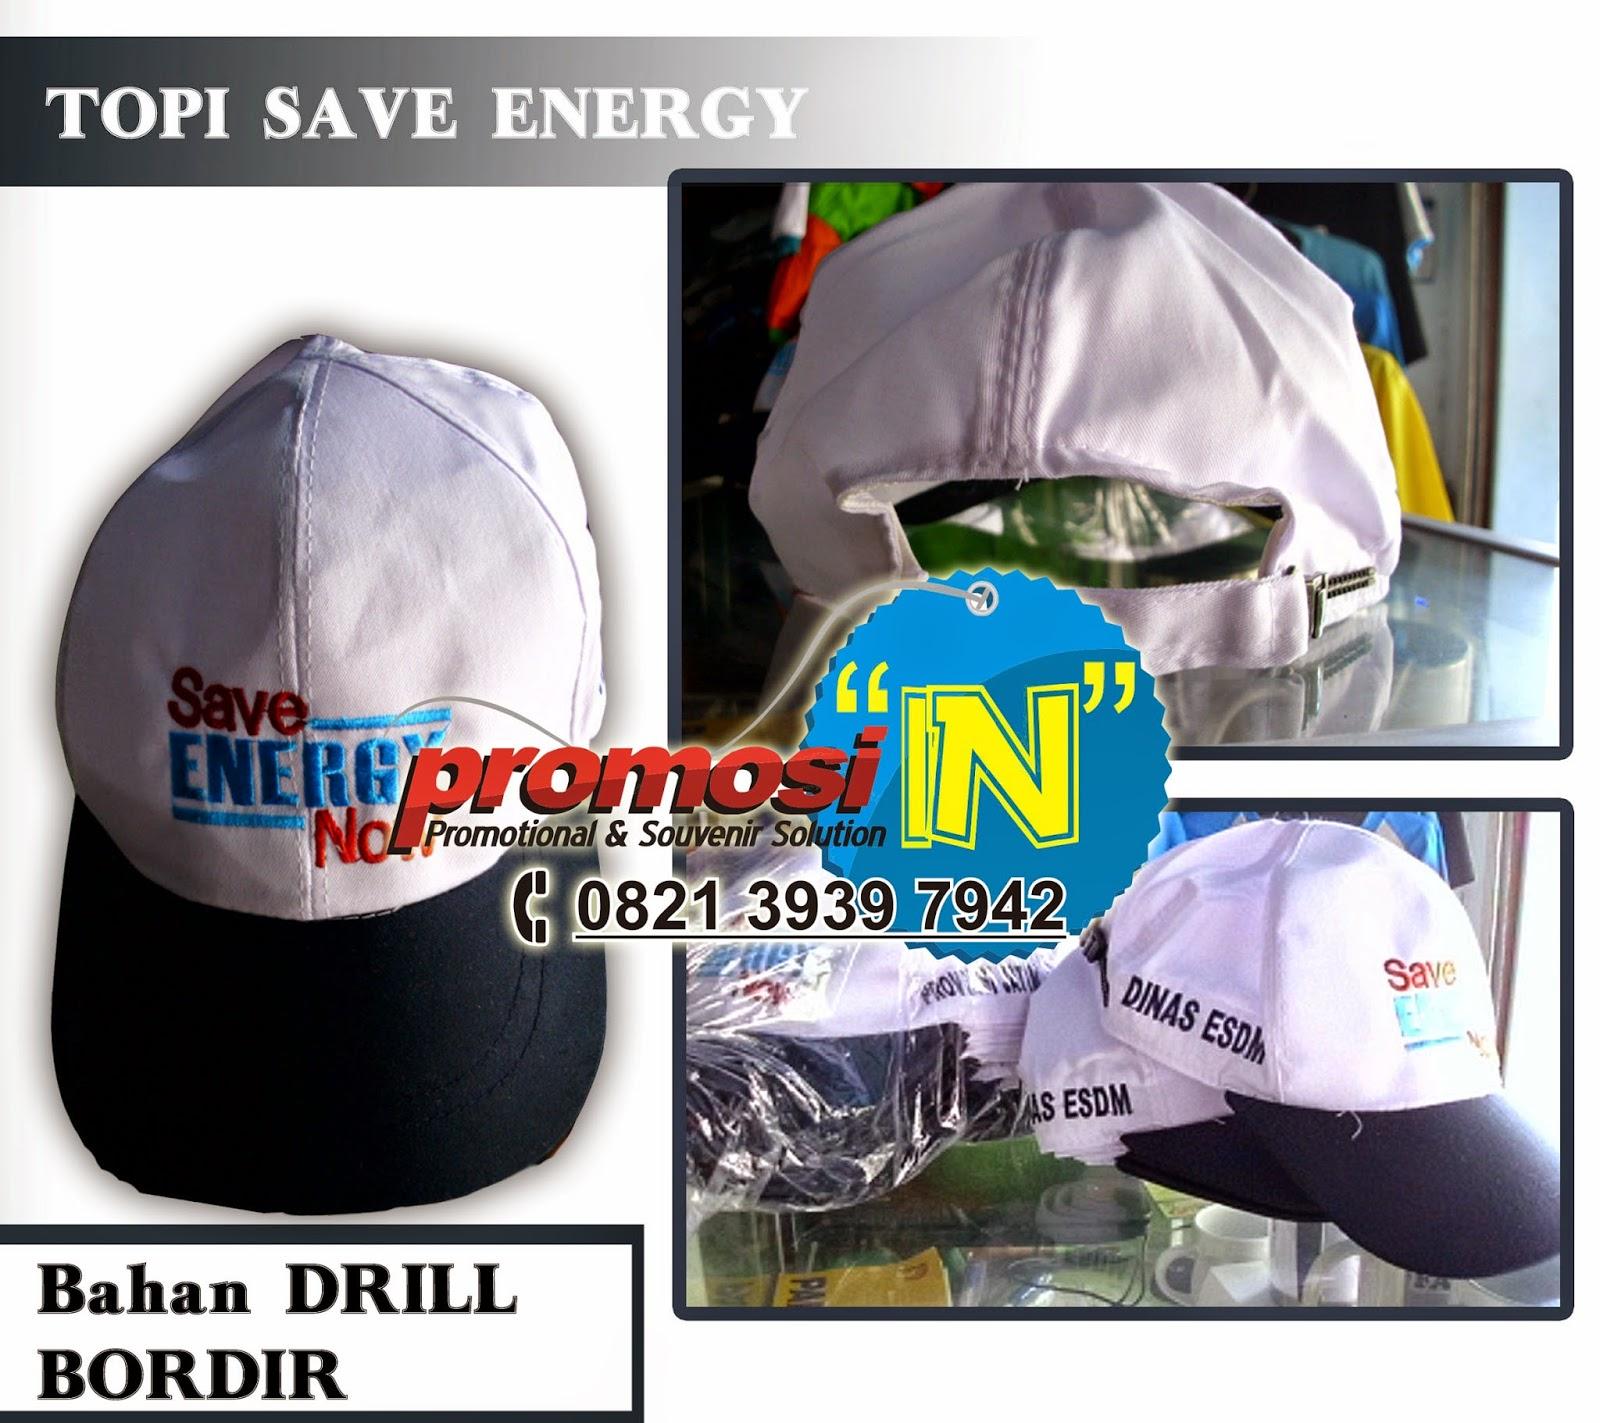 Buat Topi Promosi Murah, Topi, Pabrik Topi, Bordir Topi, Topi Perusahaan,